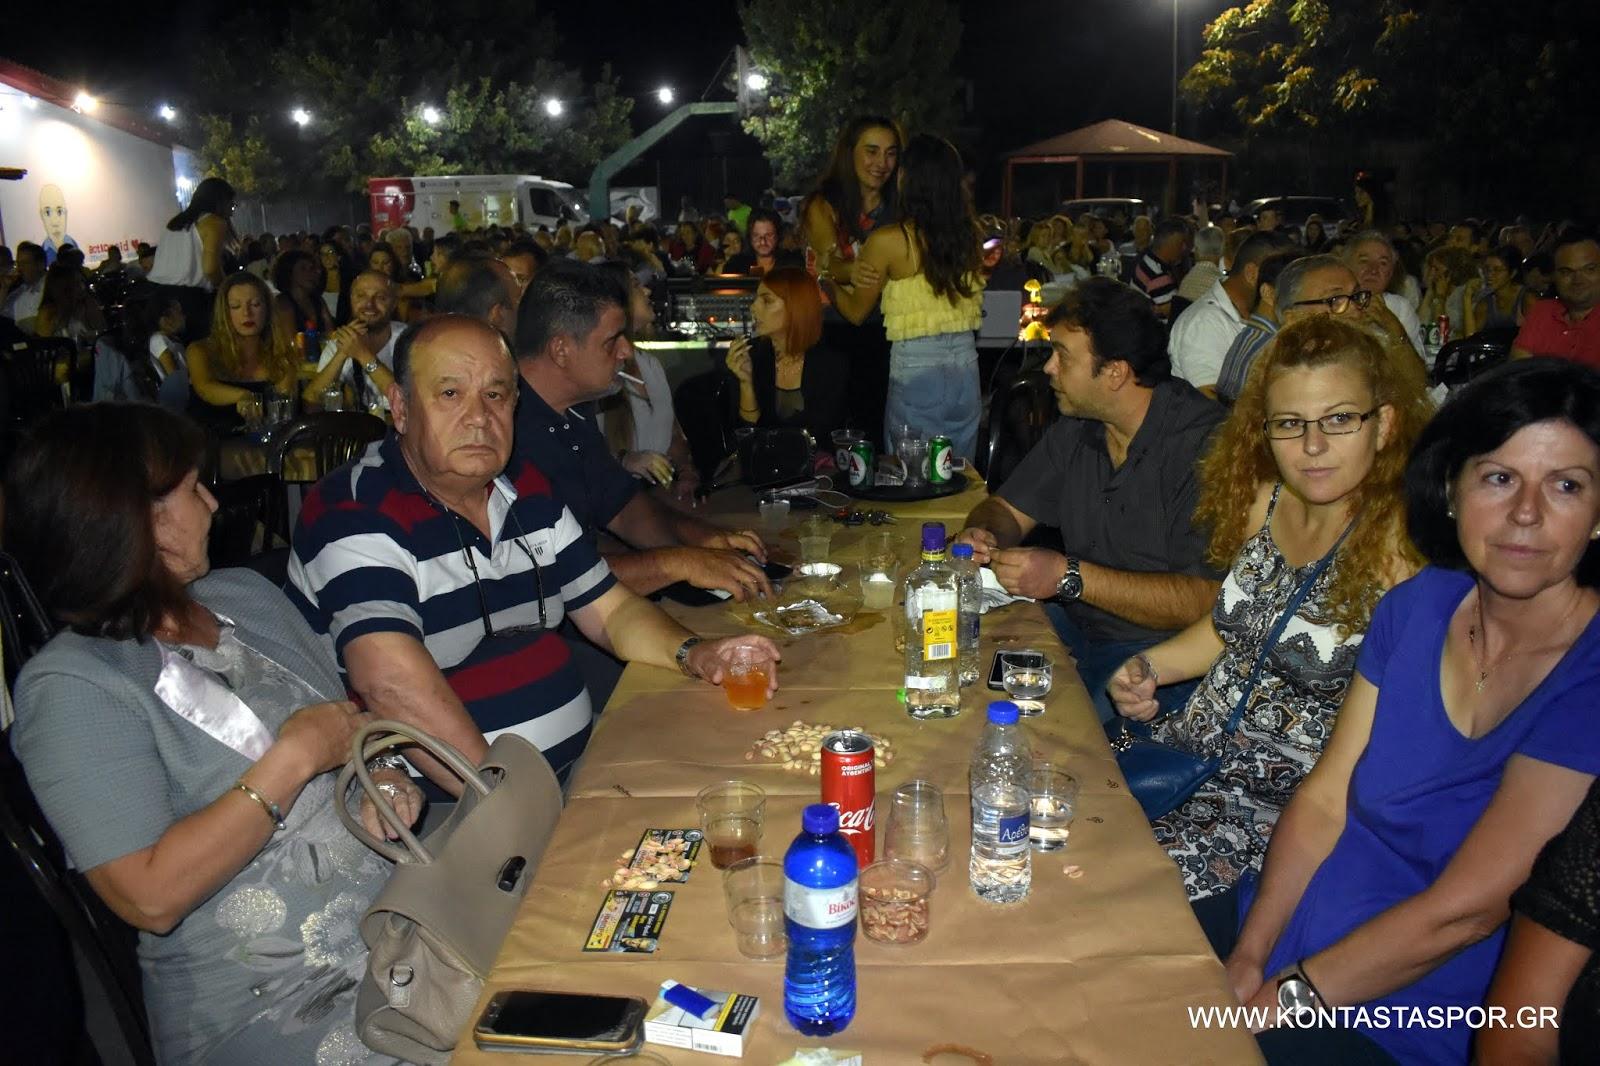 Με επιτυχία η λαική βραδιά  Αδαμαντίδη στα Ψαχνά (φωτογραφίες) 1 DSC 0049